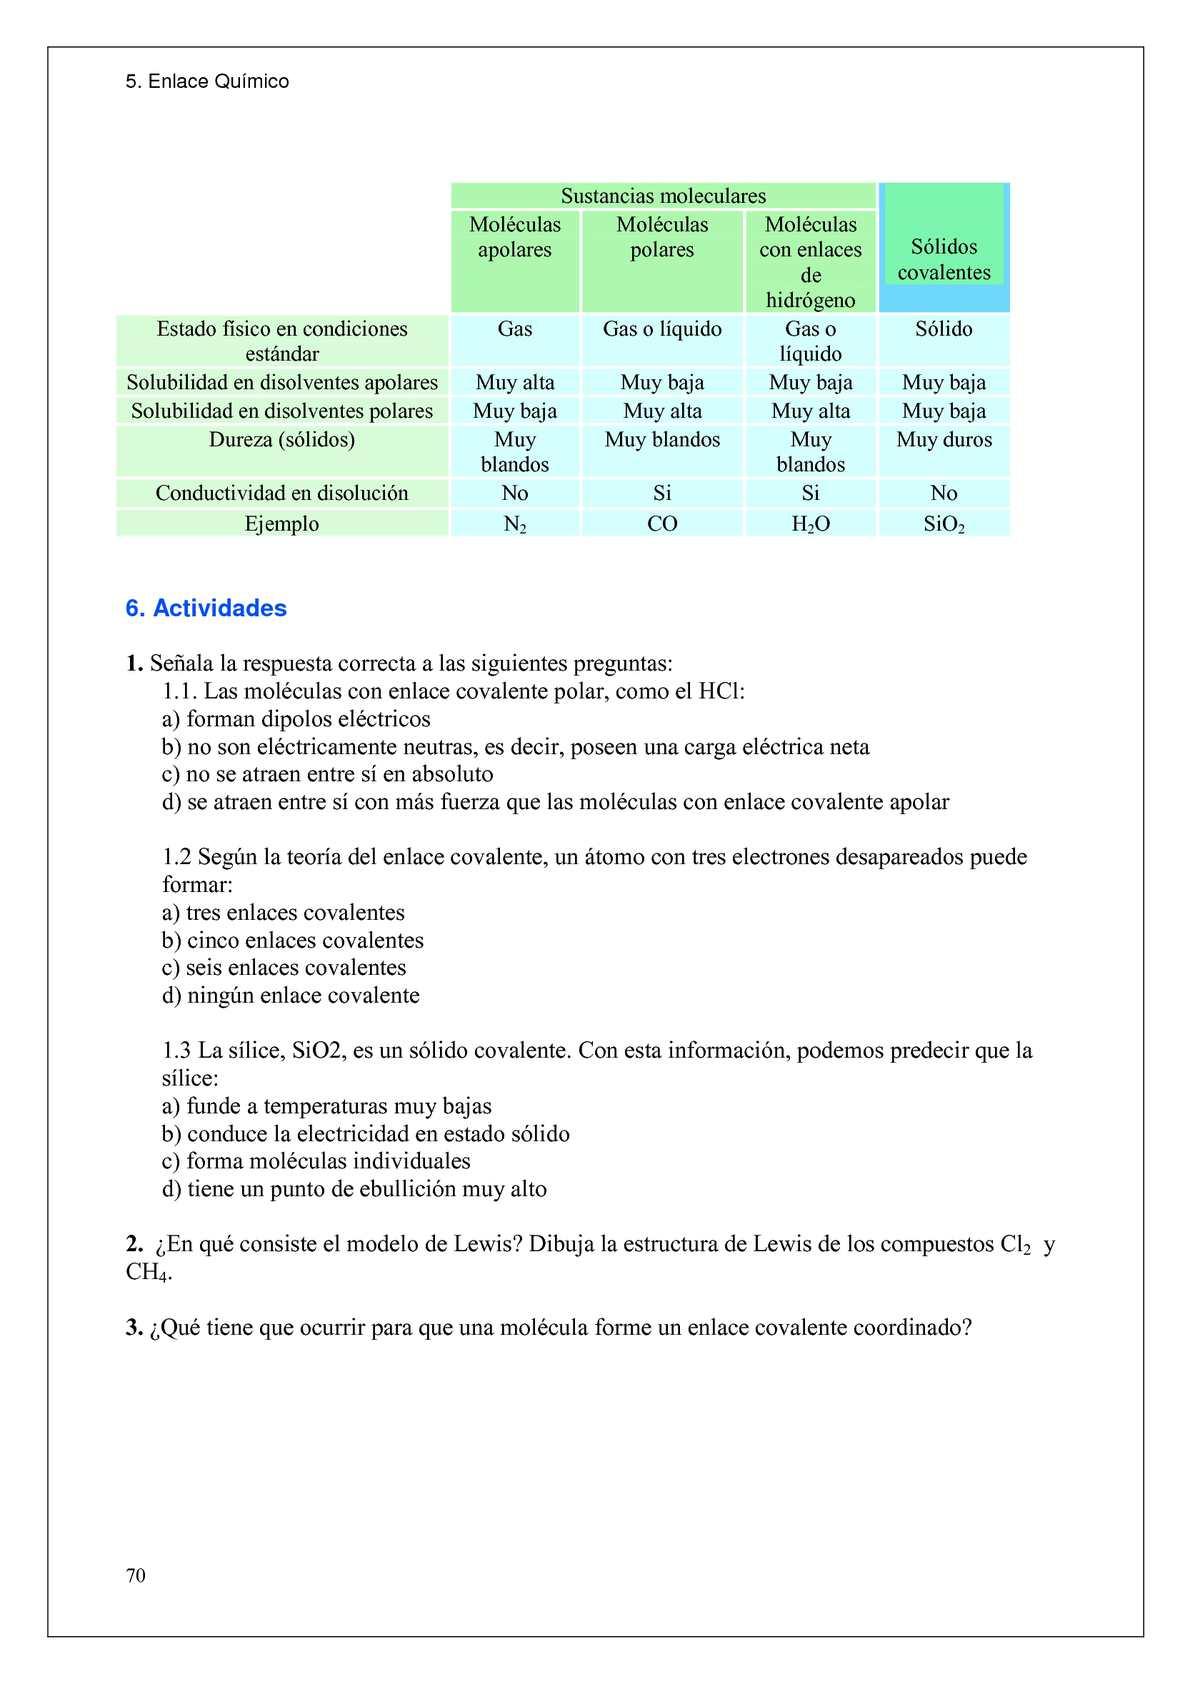 Química Calameo Downloader